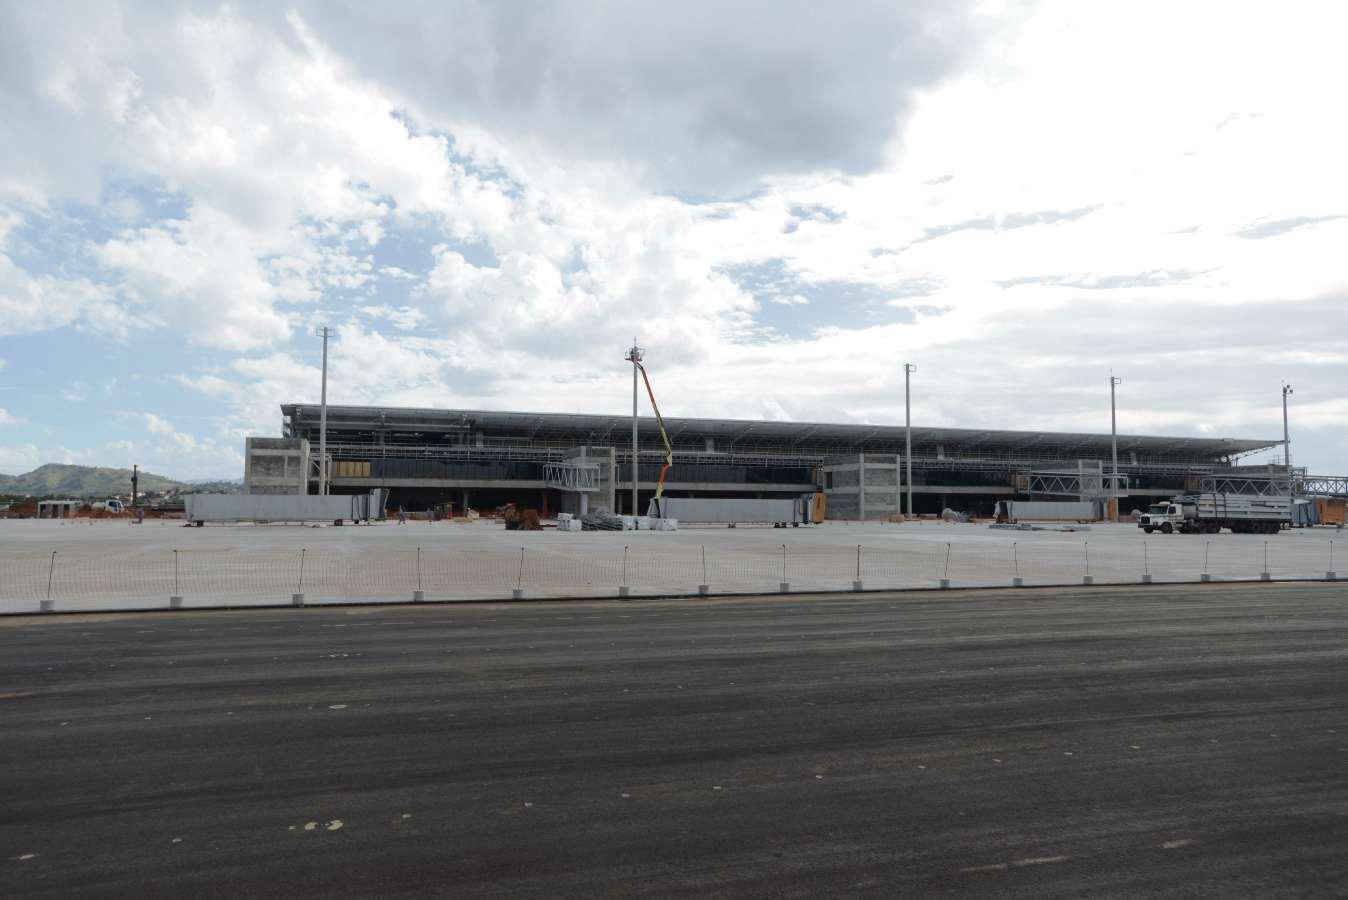 Aeroporto De Vitoria : Aeroporto de vitória terá parque industrial logístico